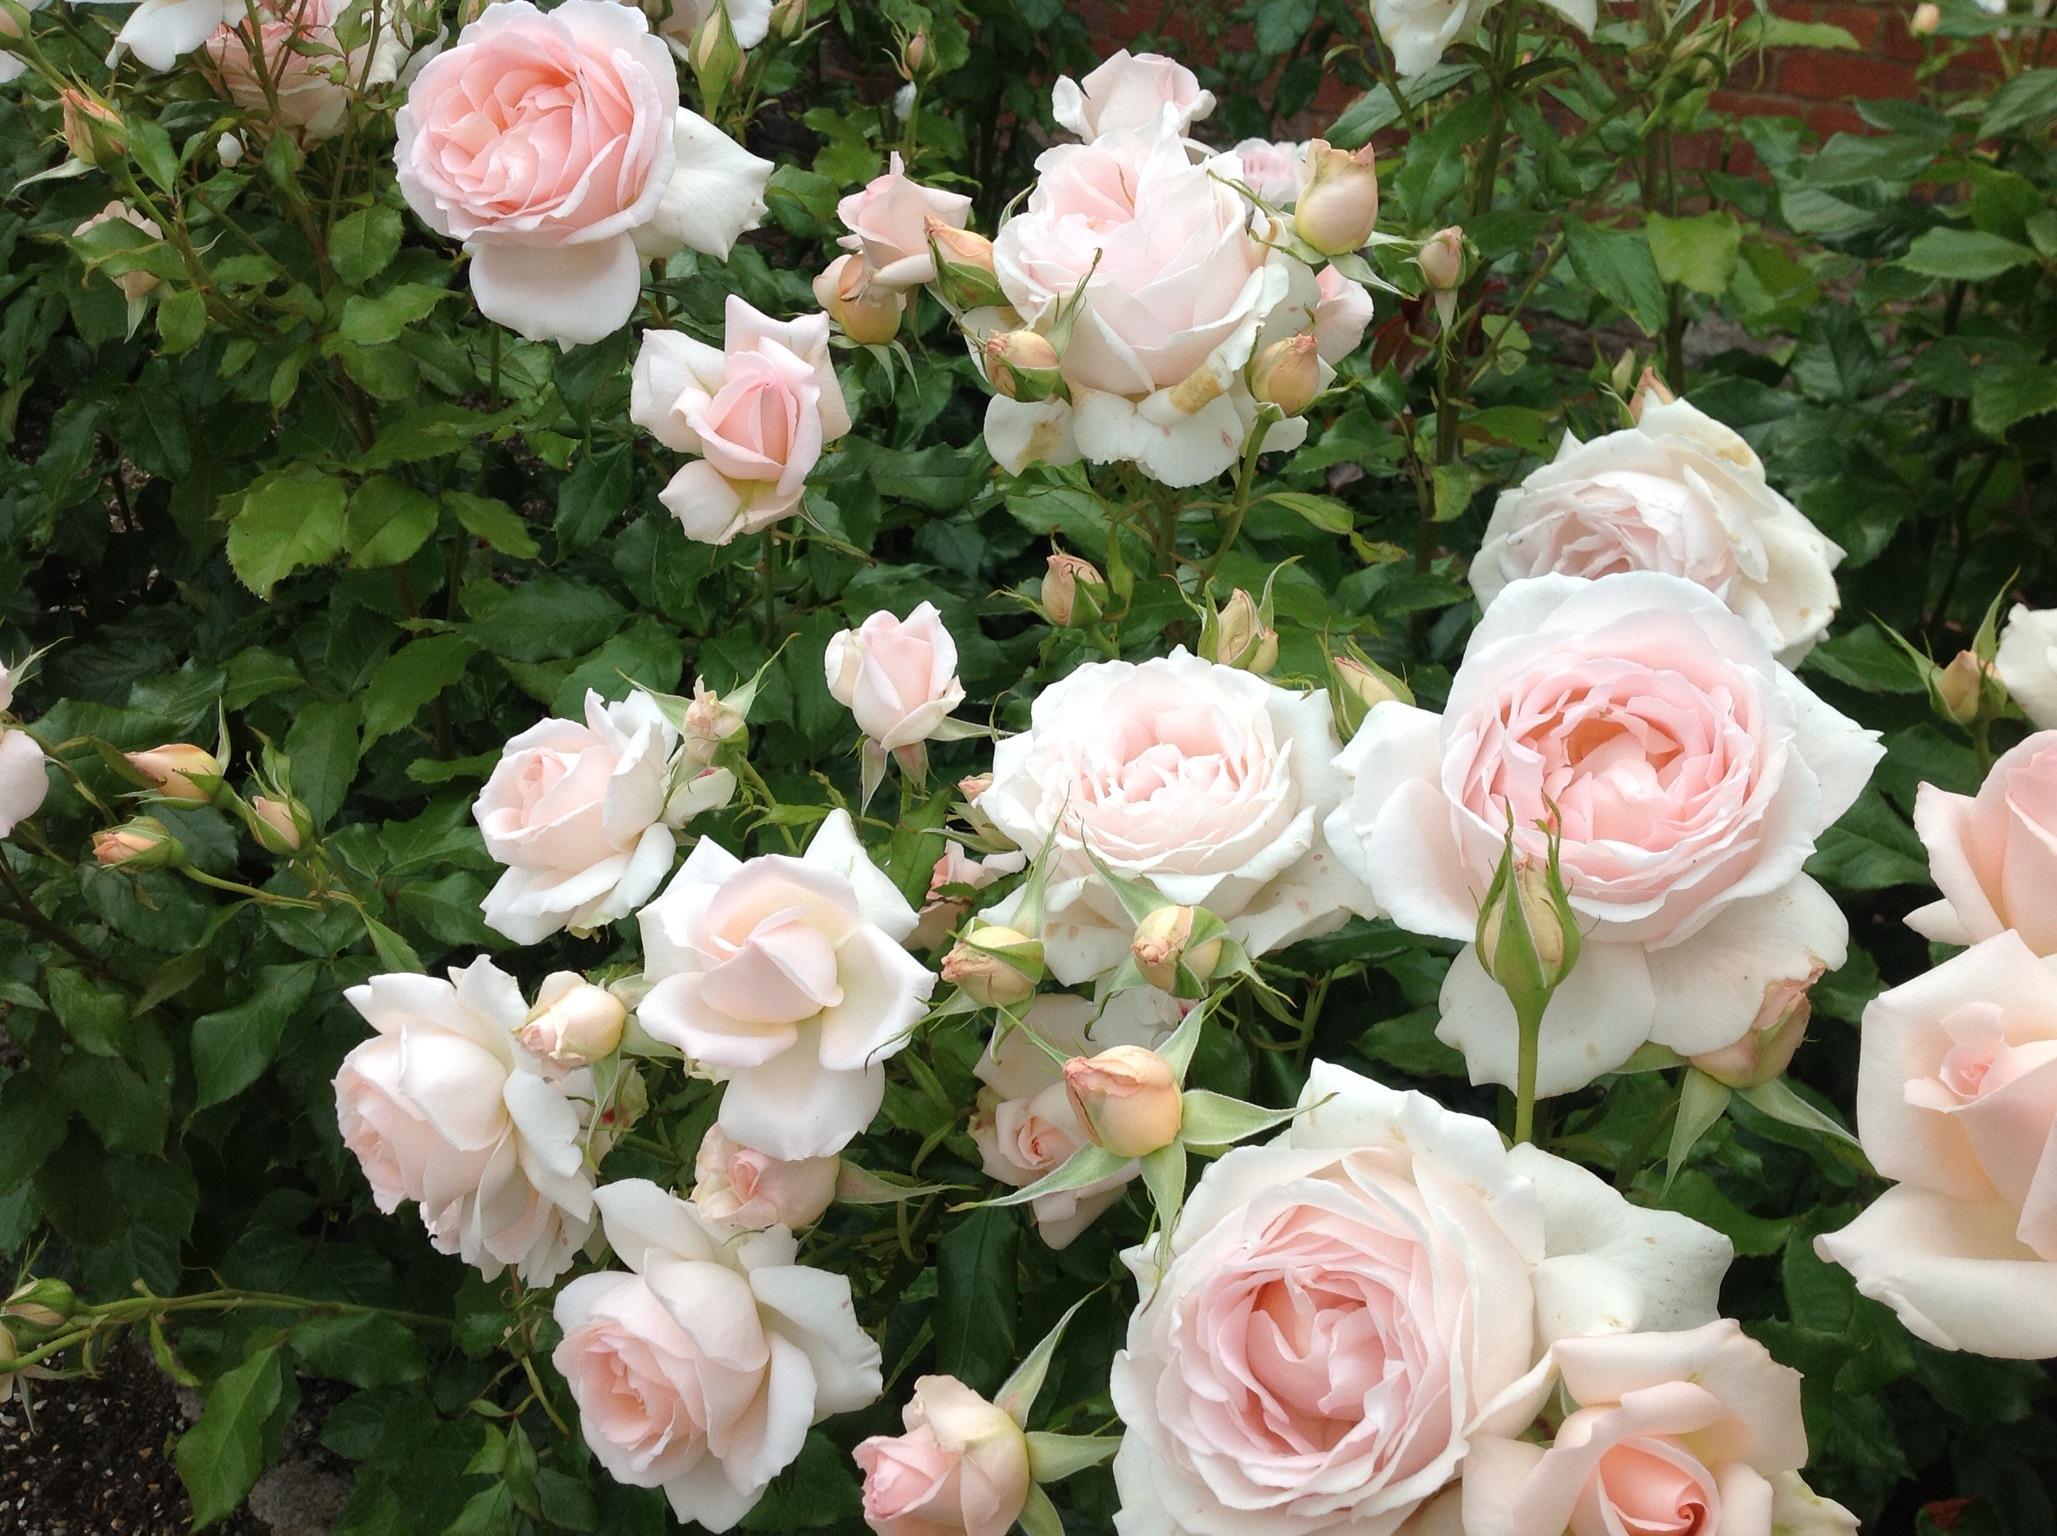 Cả một vườn hoa hồng trắng hồng